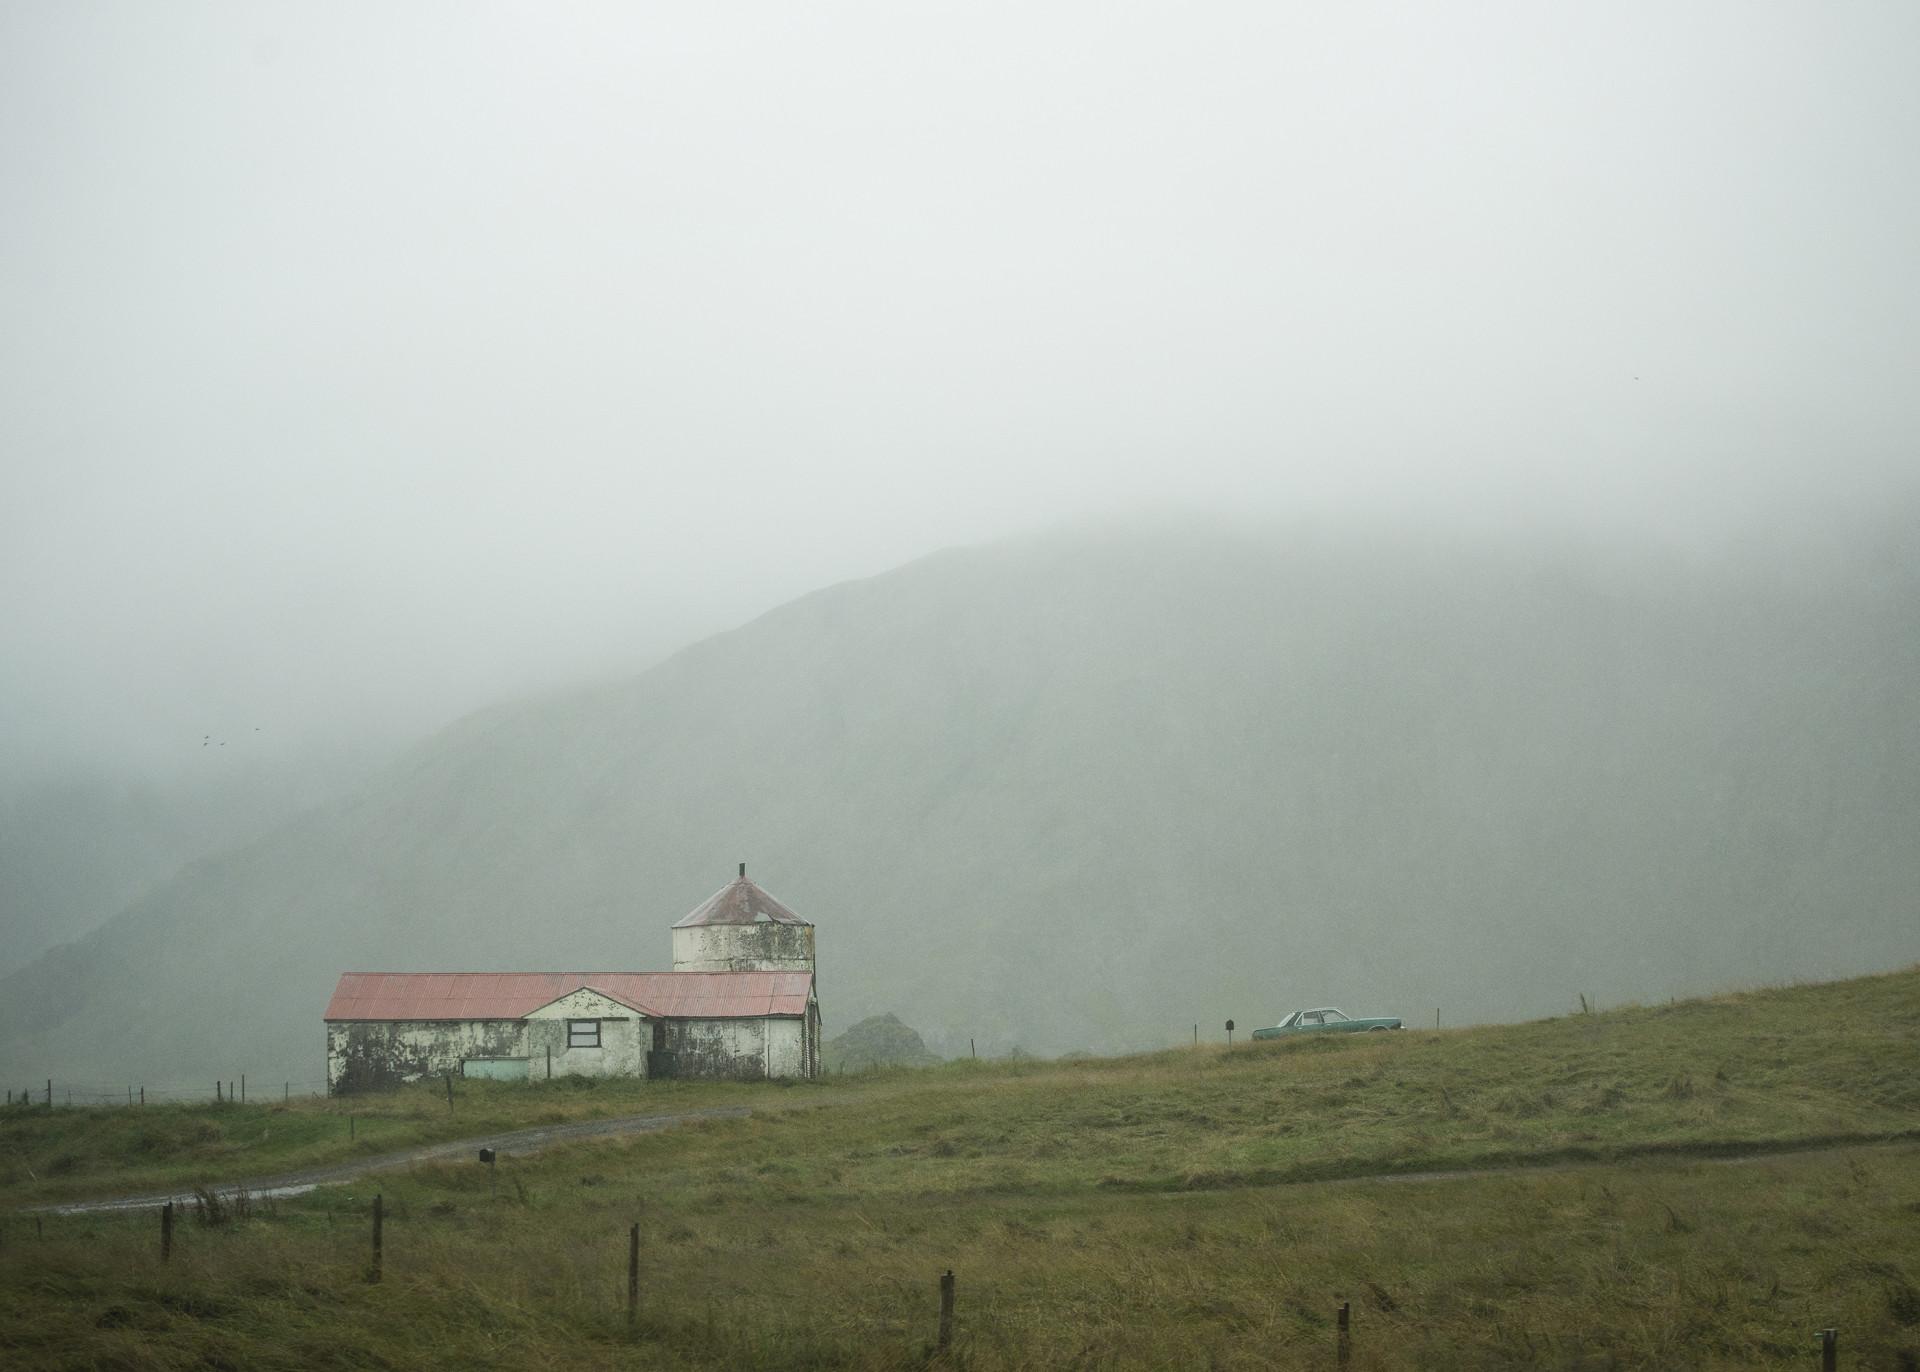 Hus i dimma, grönska runtom. Från Island. Foto Camilla Andersen/ Nordiska museet